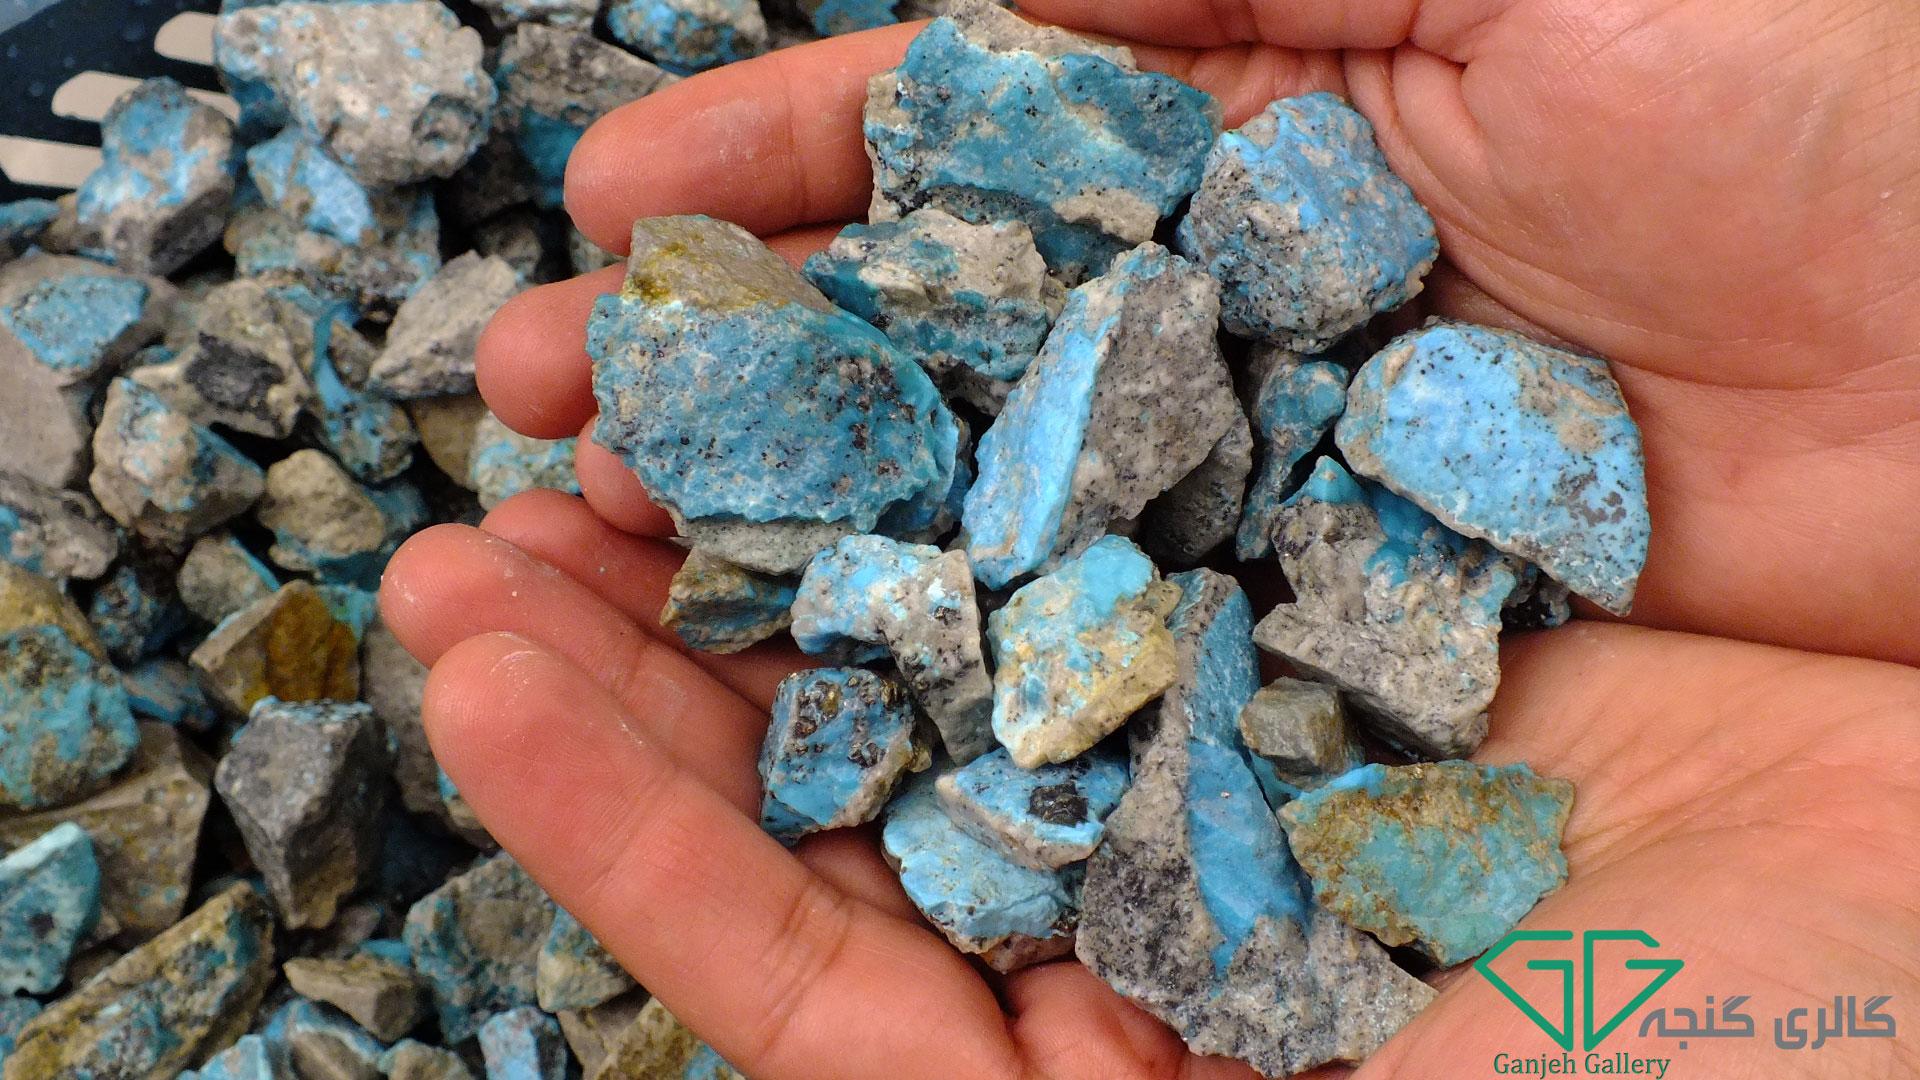 سنگ های راف و تراش نخورده فیروزه کرمان در گالری گنجه